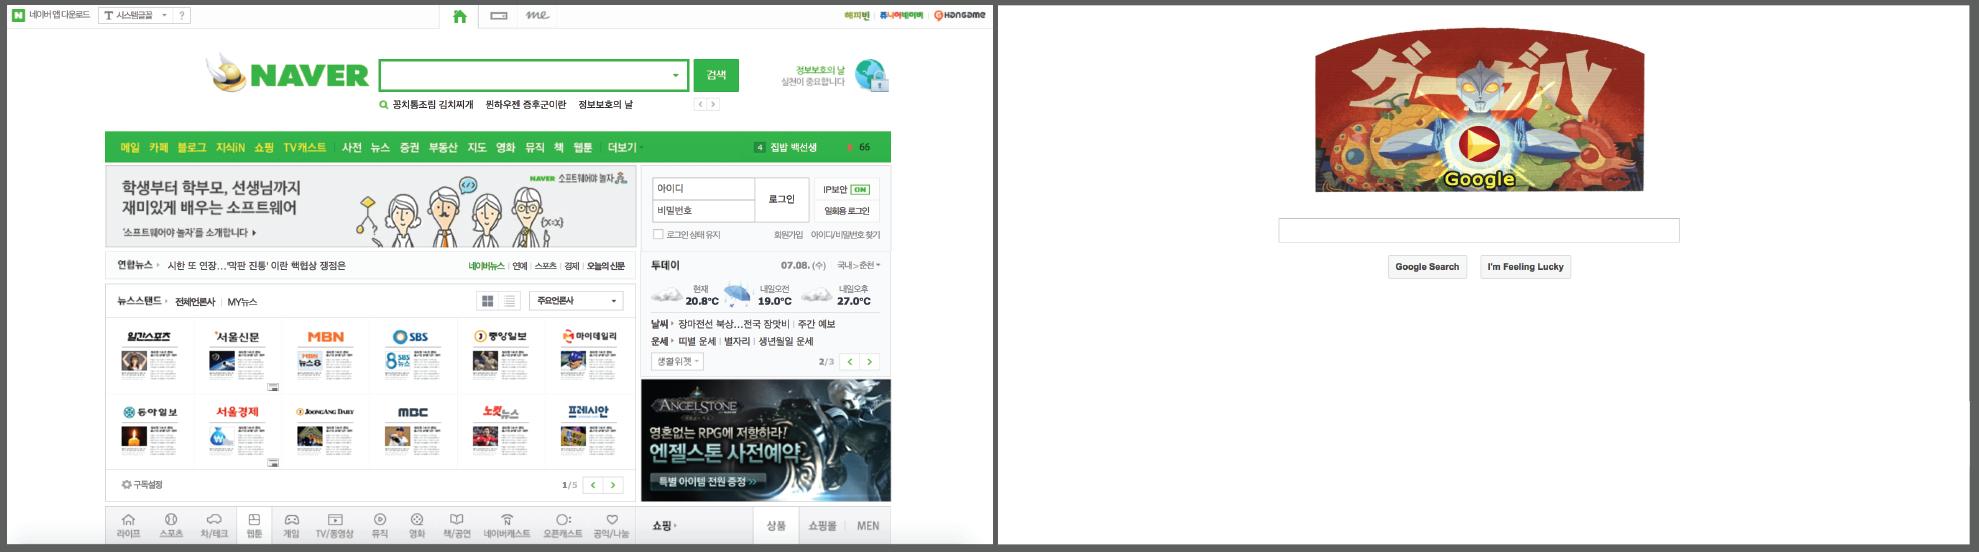 Naver vs. Google